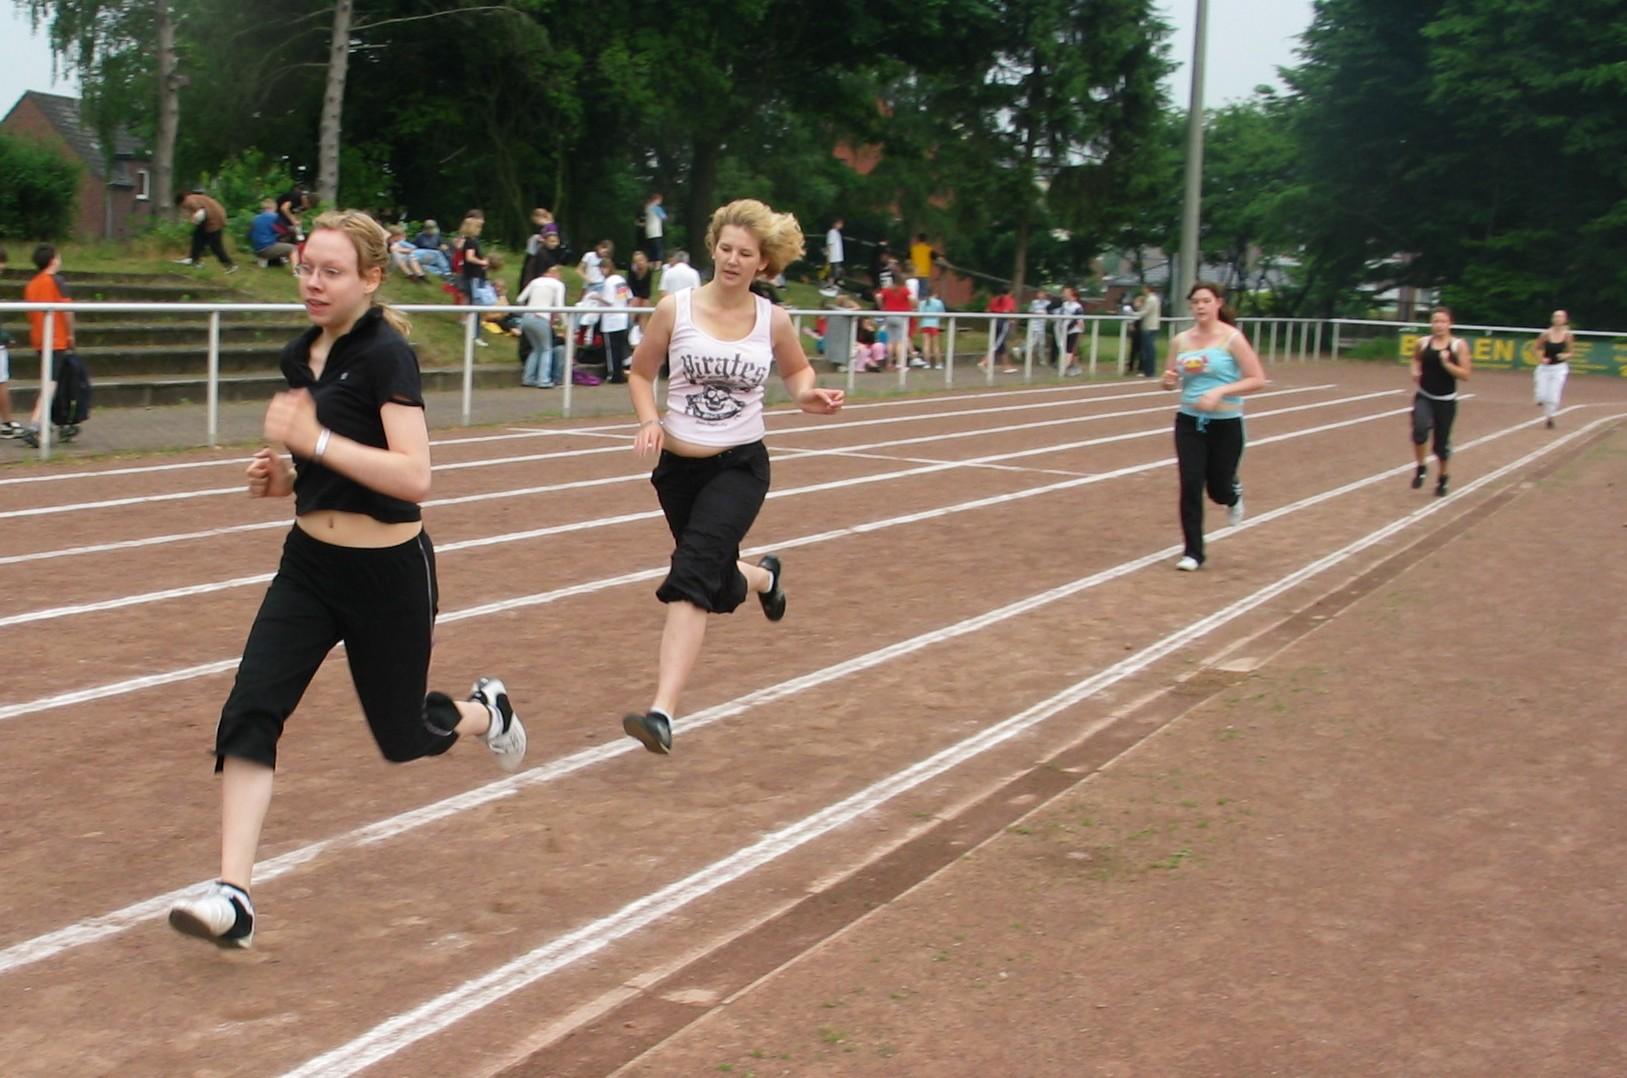 sportfest_08_mittelstrecke_11.jpg - 343,75 kB